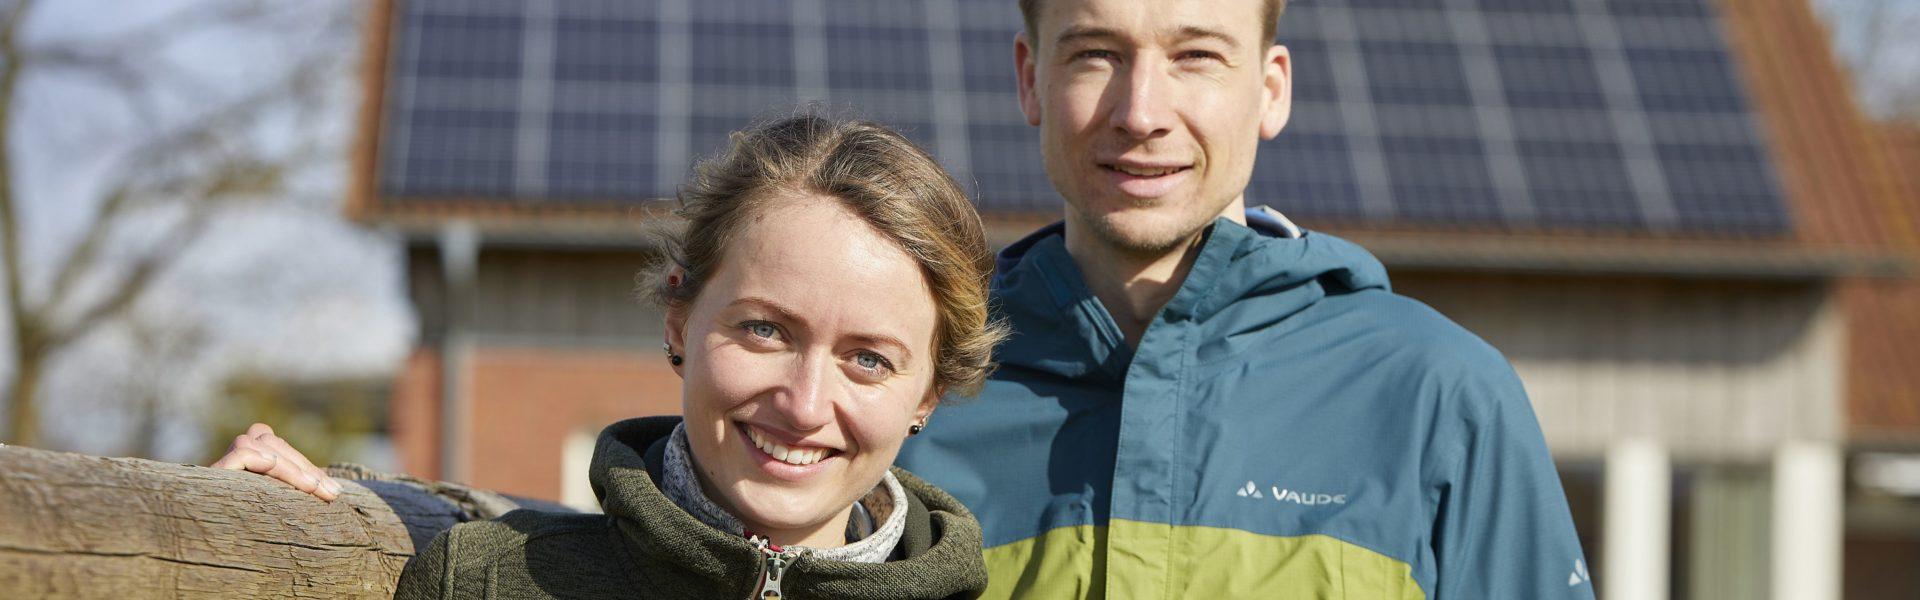 Münsterland ist Klimaland: Digitale Auftaktveranstaltung zur regionsweiten Klimakampagne